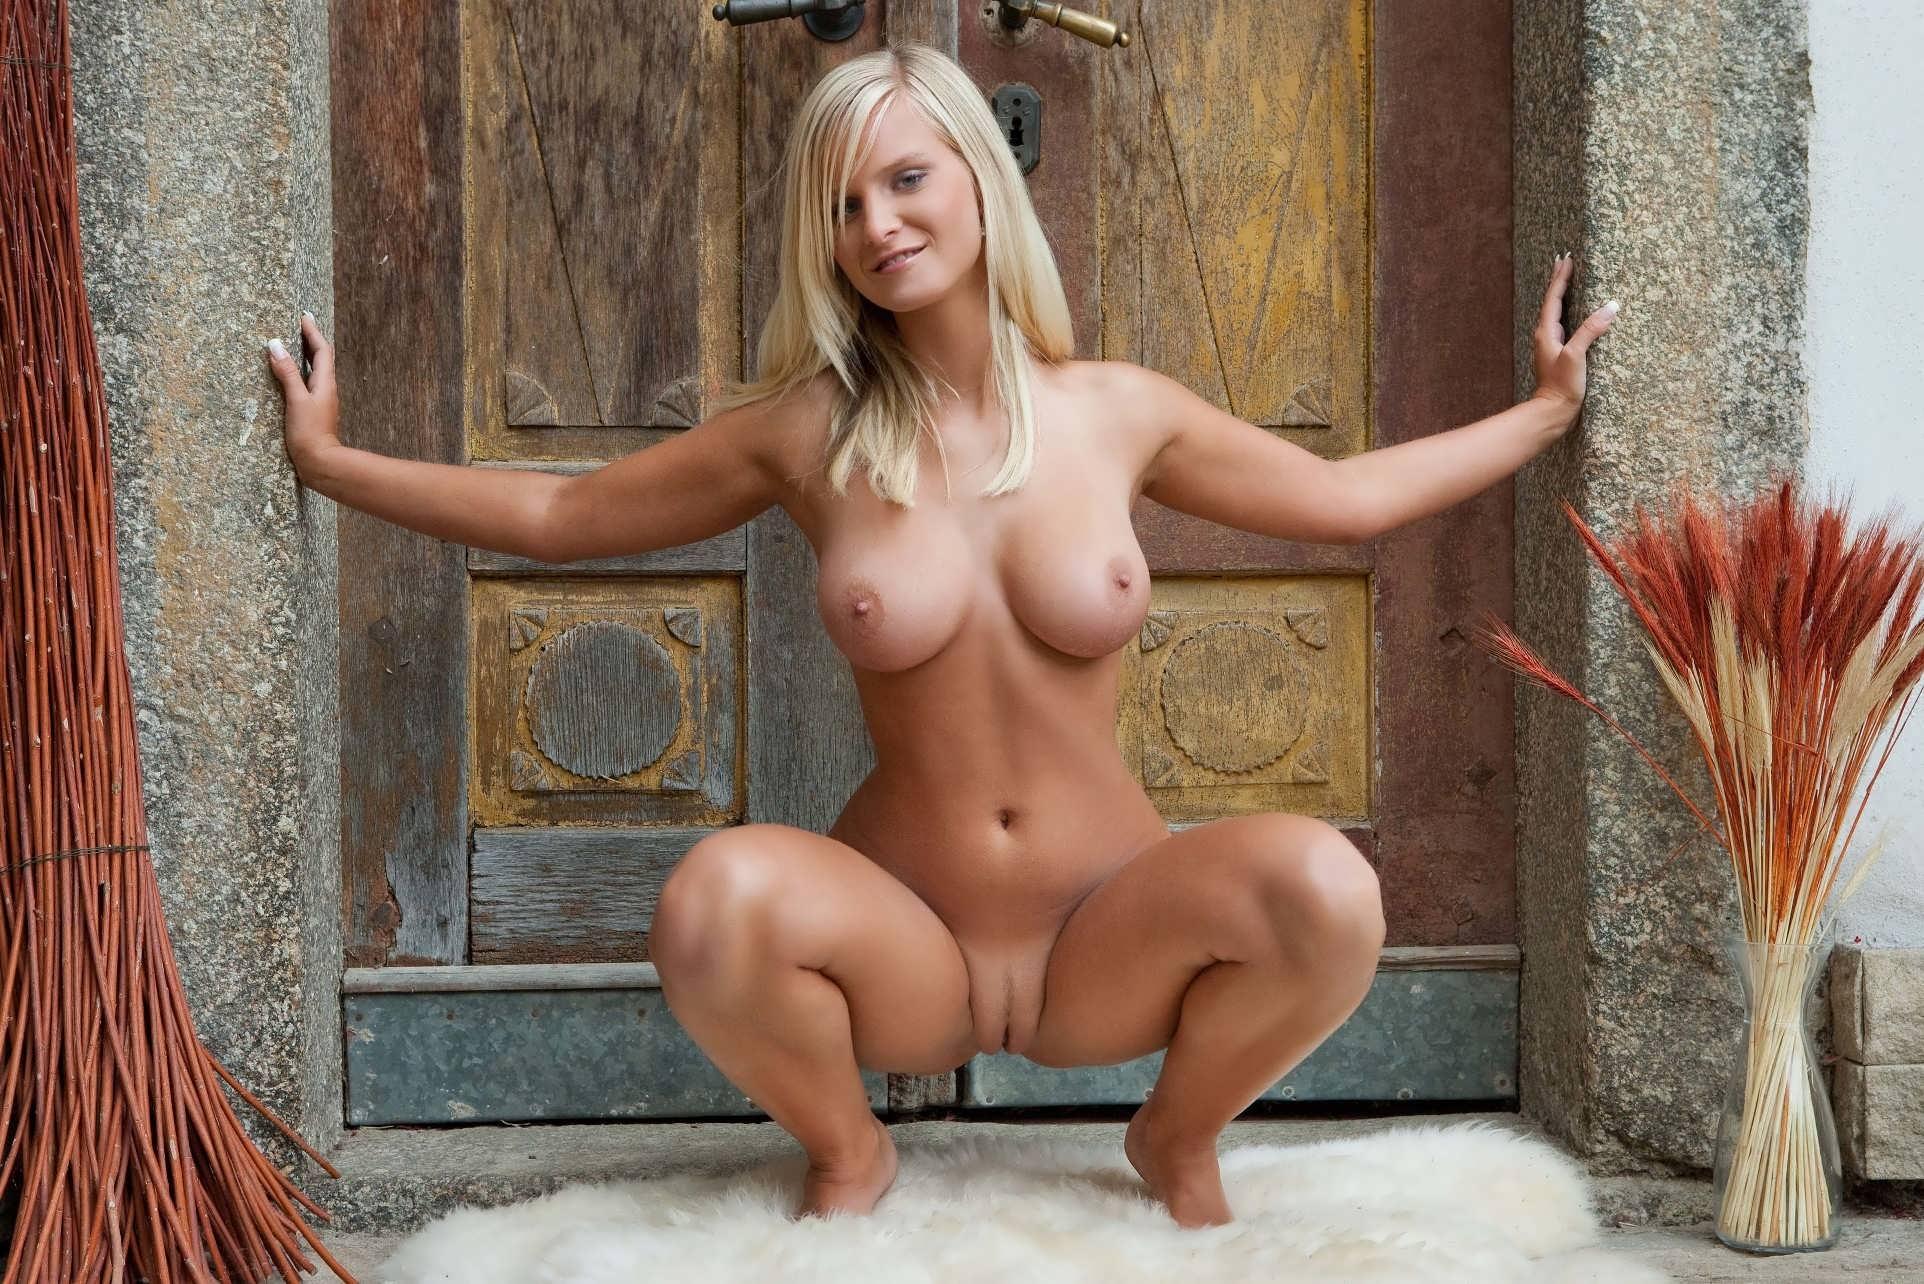 Фото голых тёток, Голые зрелые русские бабы (48 фото) 11 фотография